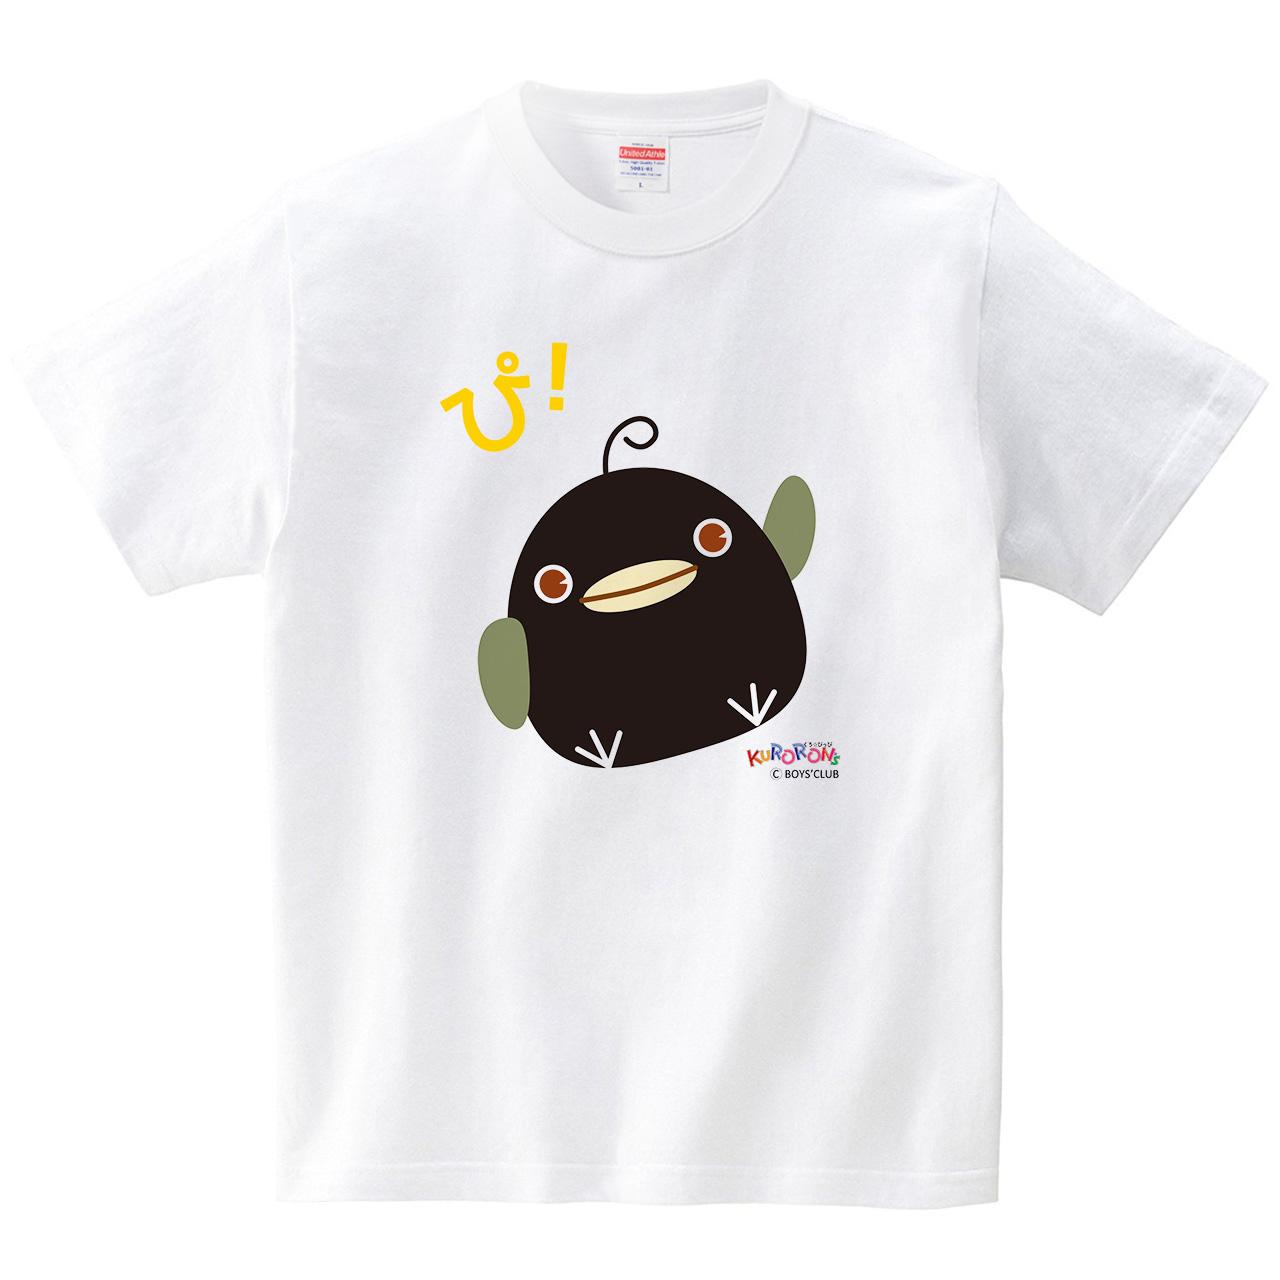 くろ☆ぴっぴ(Tシャツ・ホワイト)(BOYS CLUB)